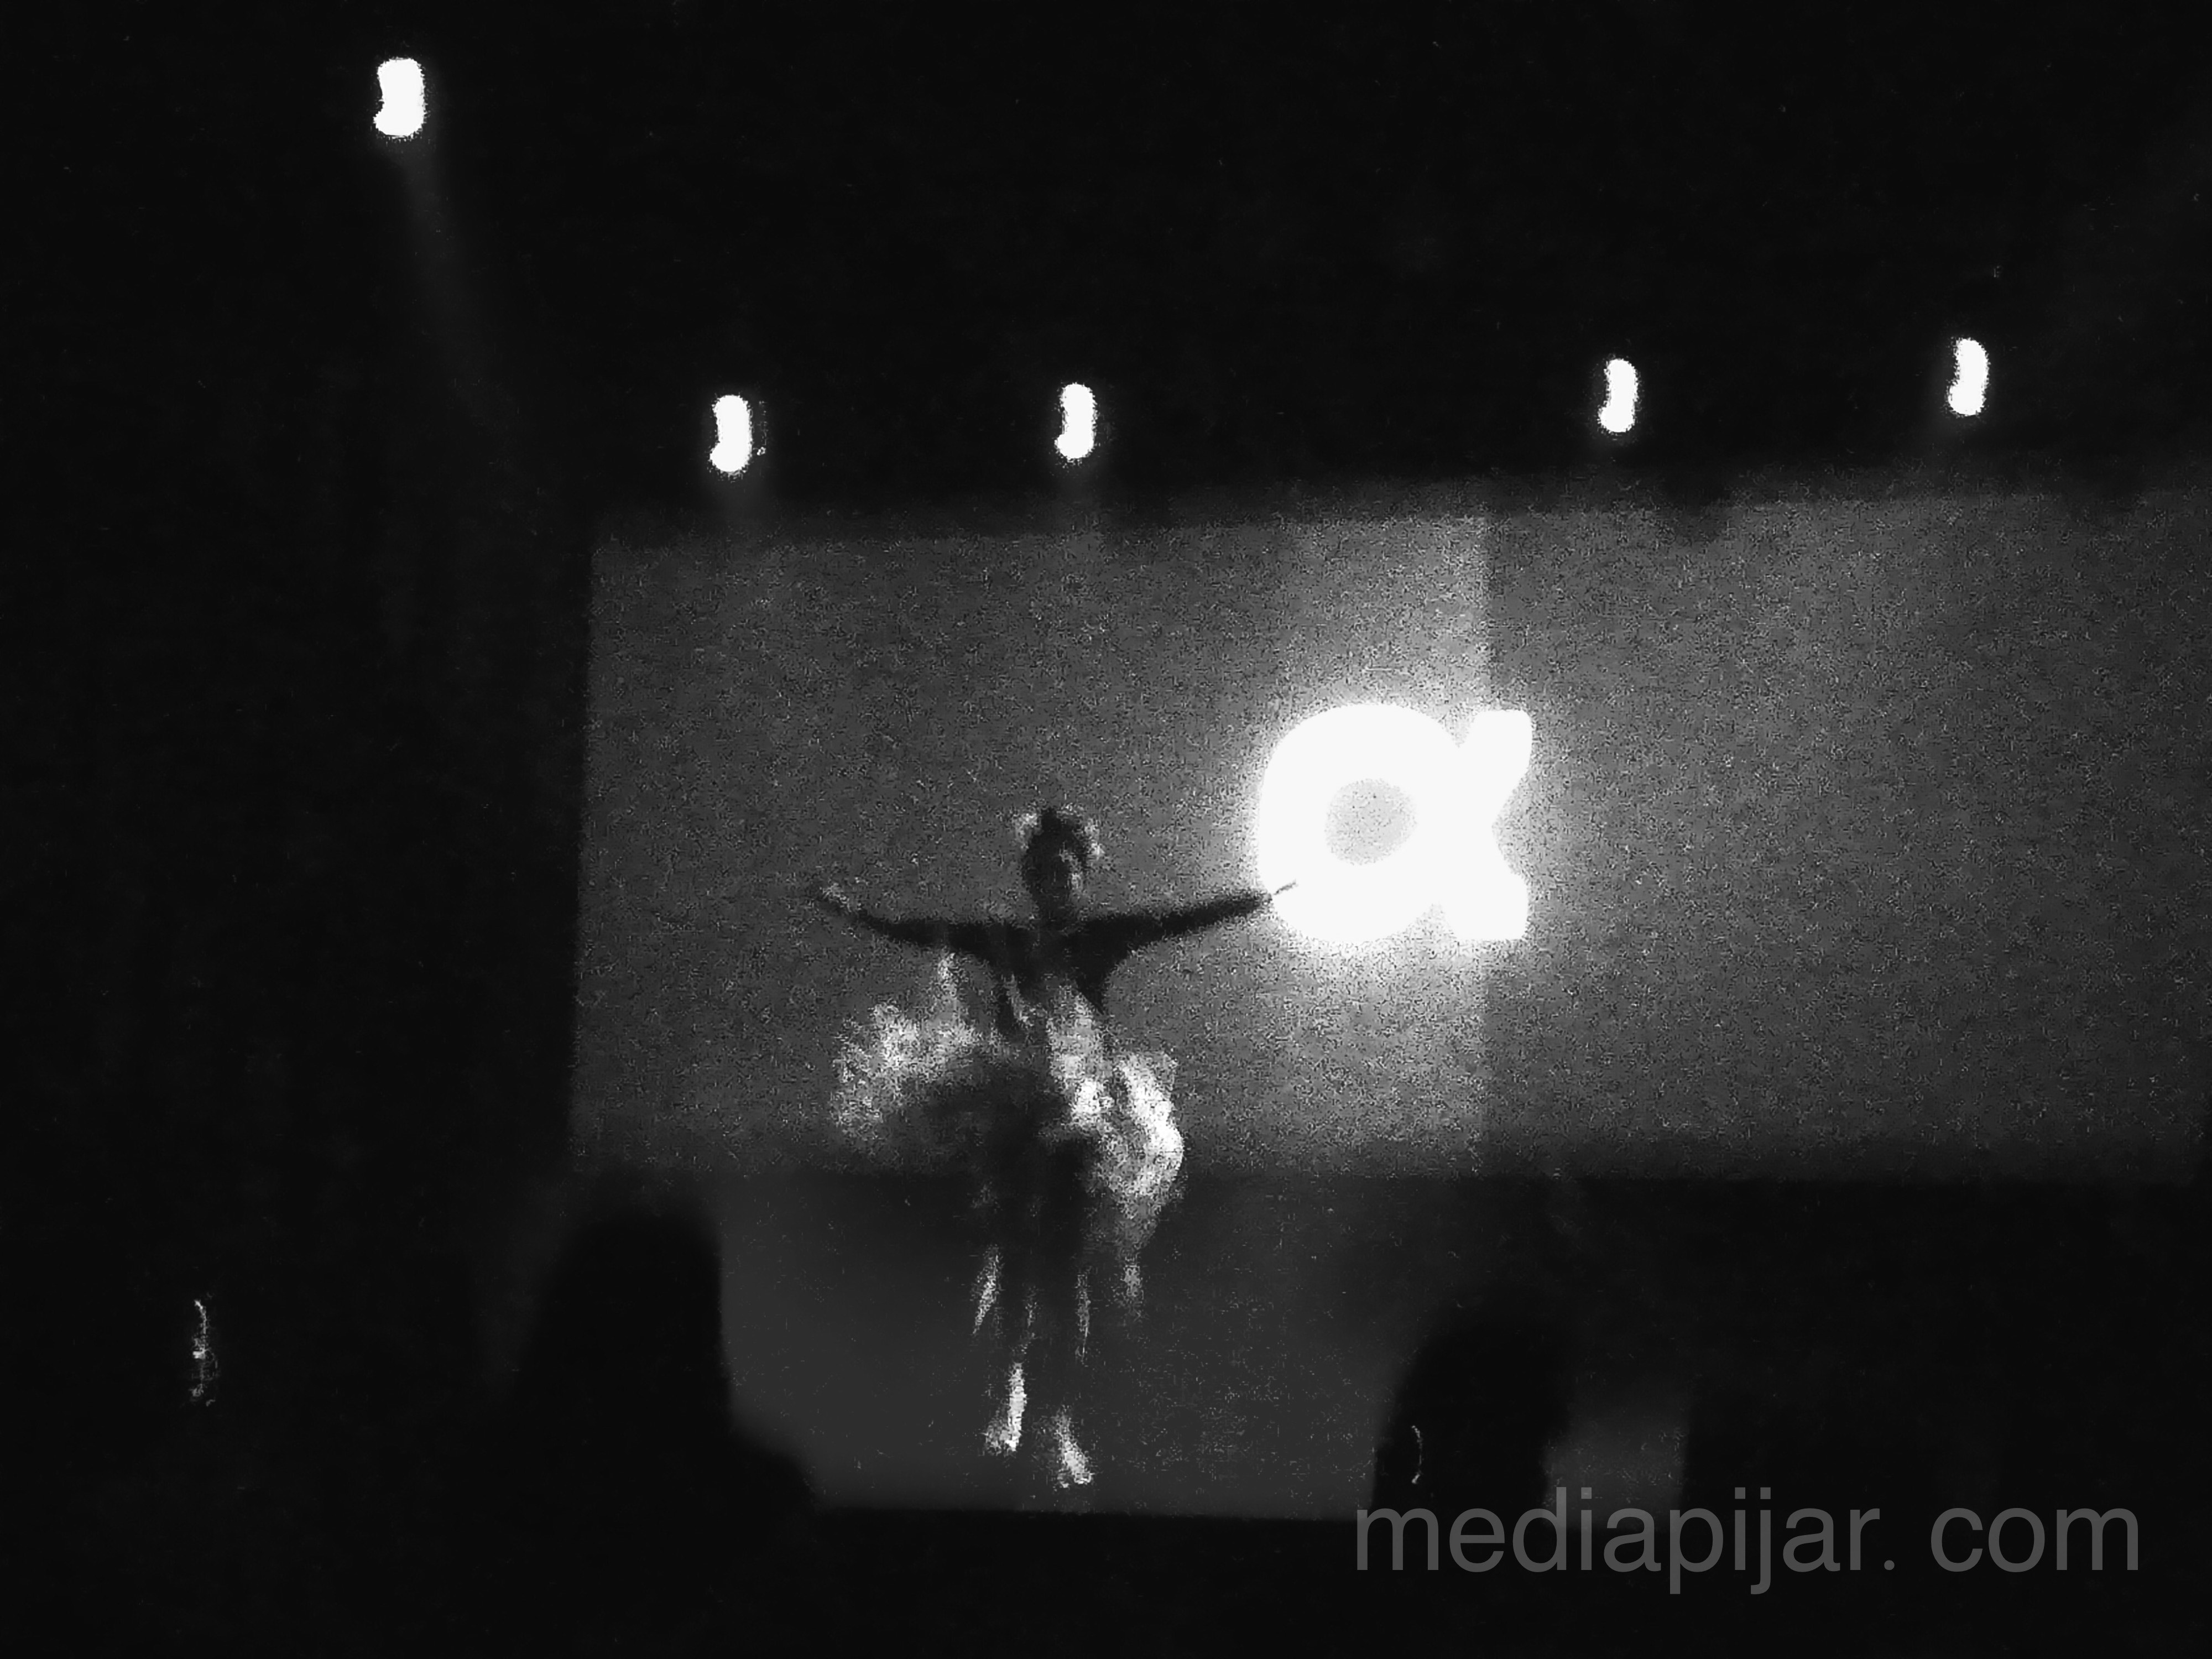 """""""Aku akan menari, walaupun dunia tidak melirikku. Dan aku akan mencintai, walau kau menolakku"""" (Fotografer: Alvira Rosa Damayanti)"""